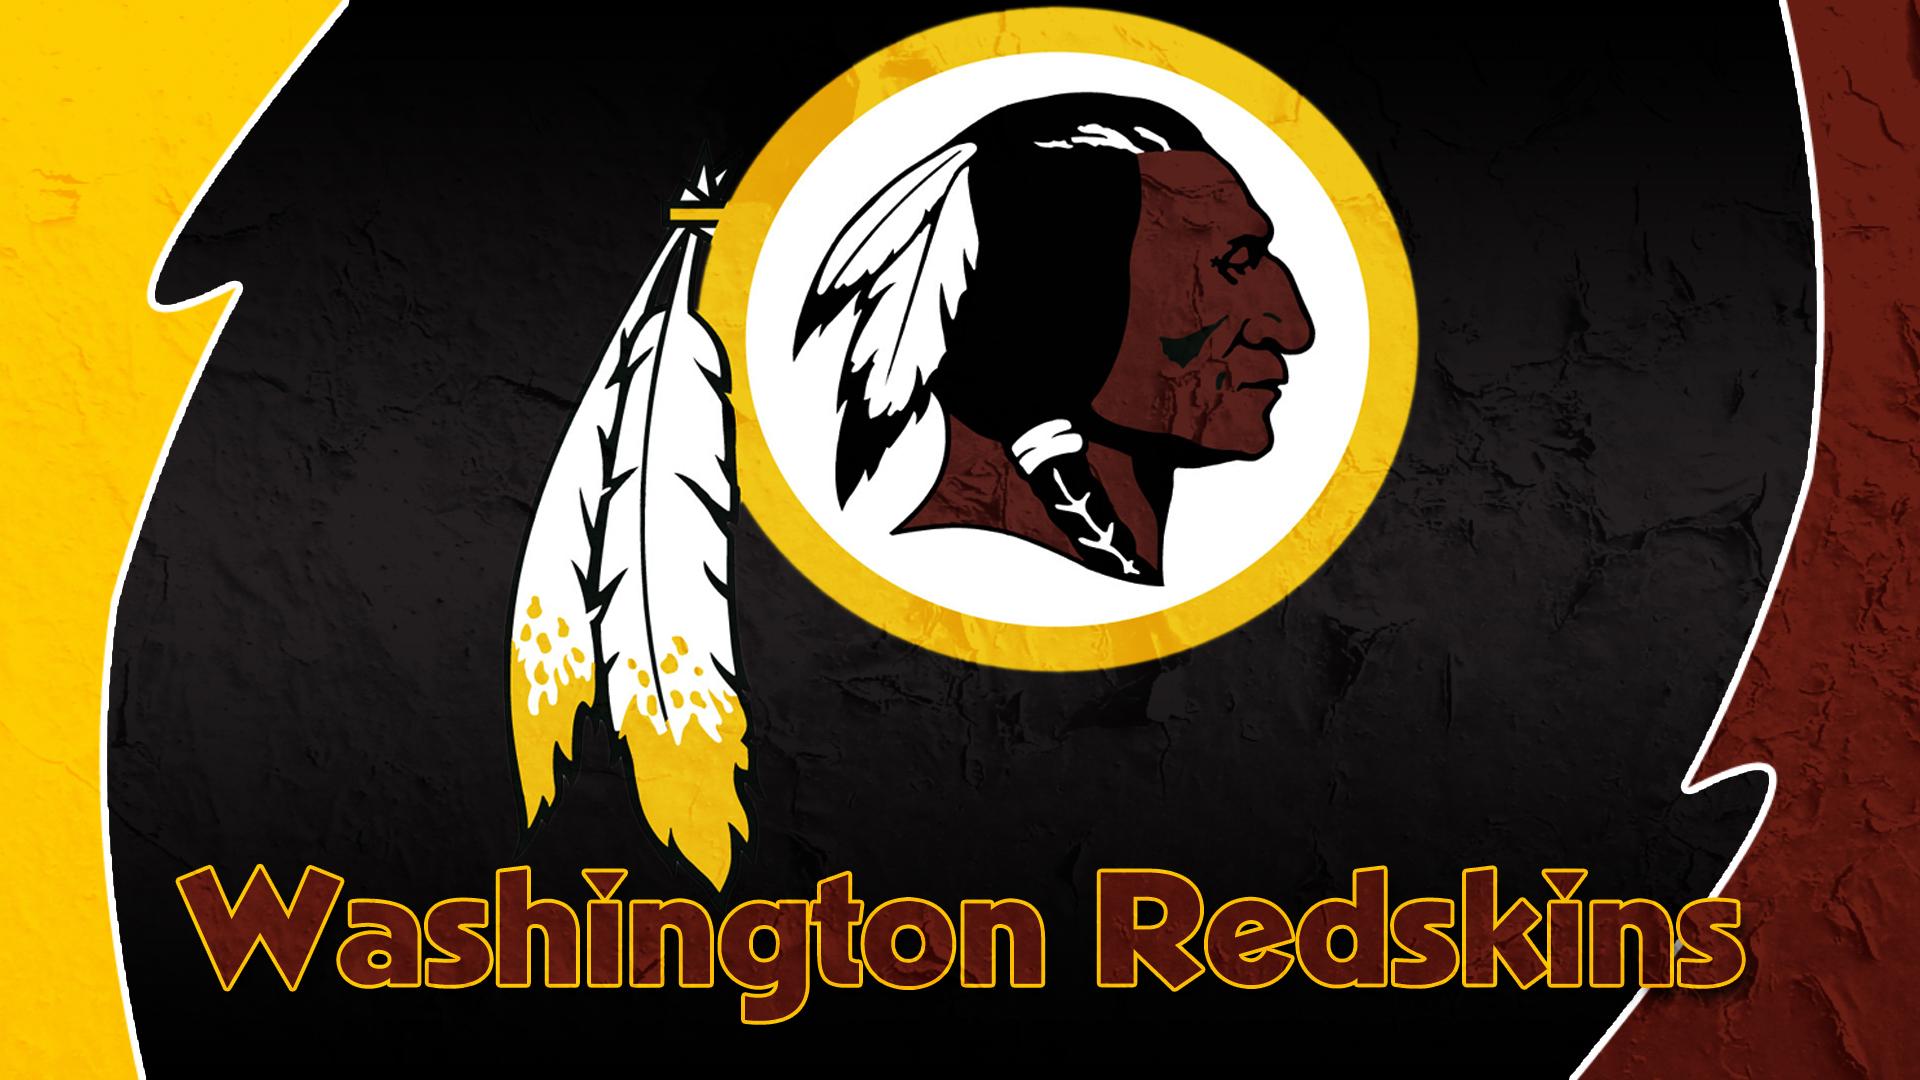 washington redskins - photo #15